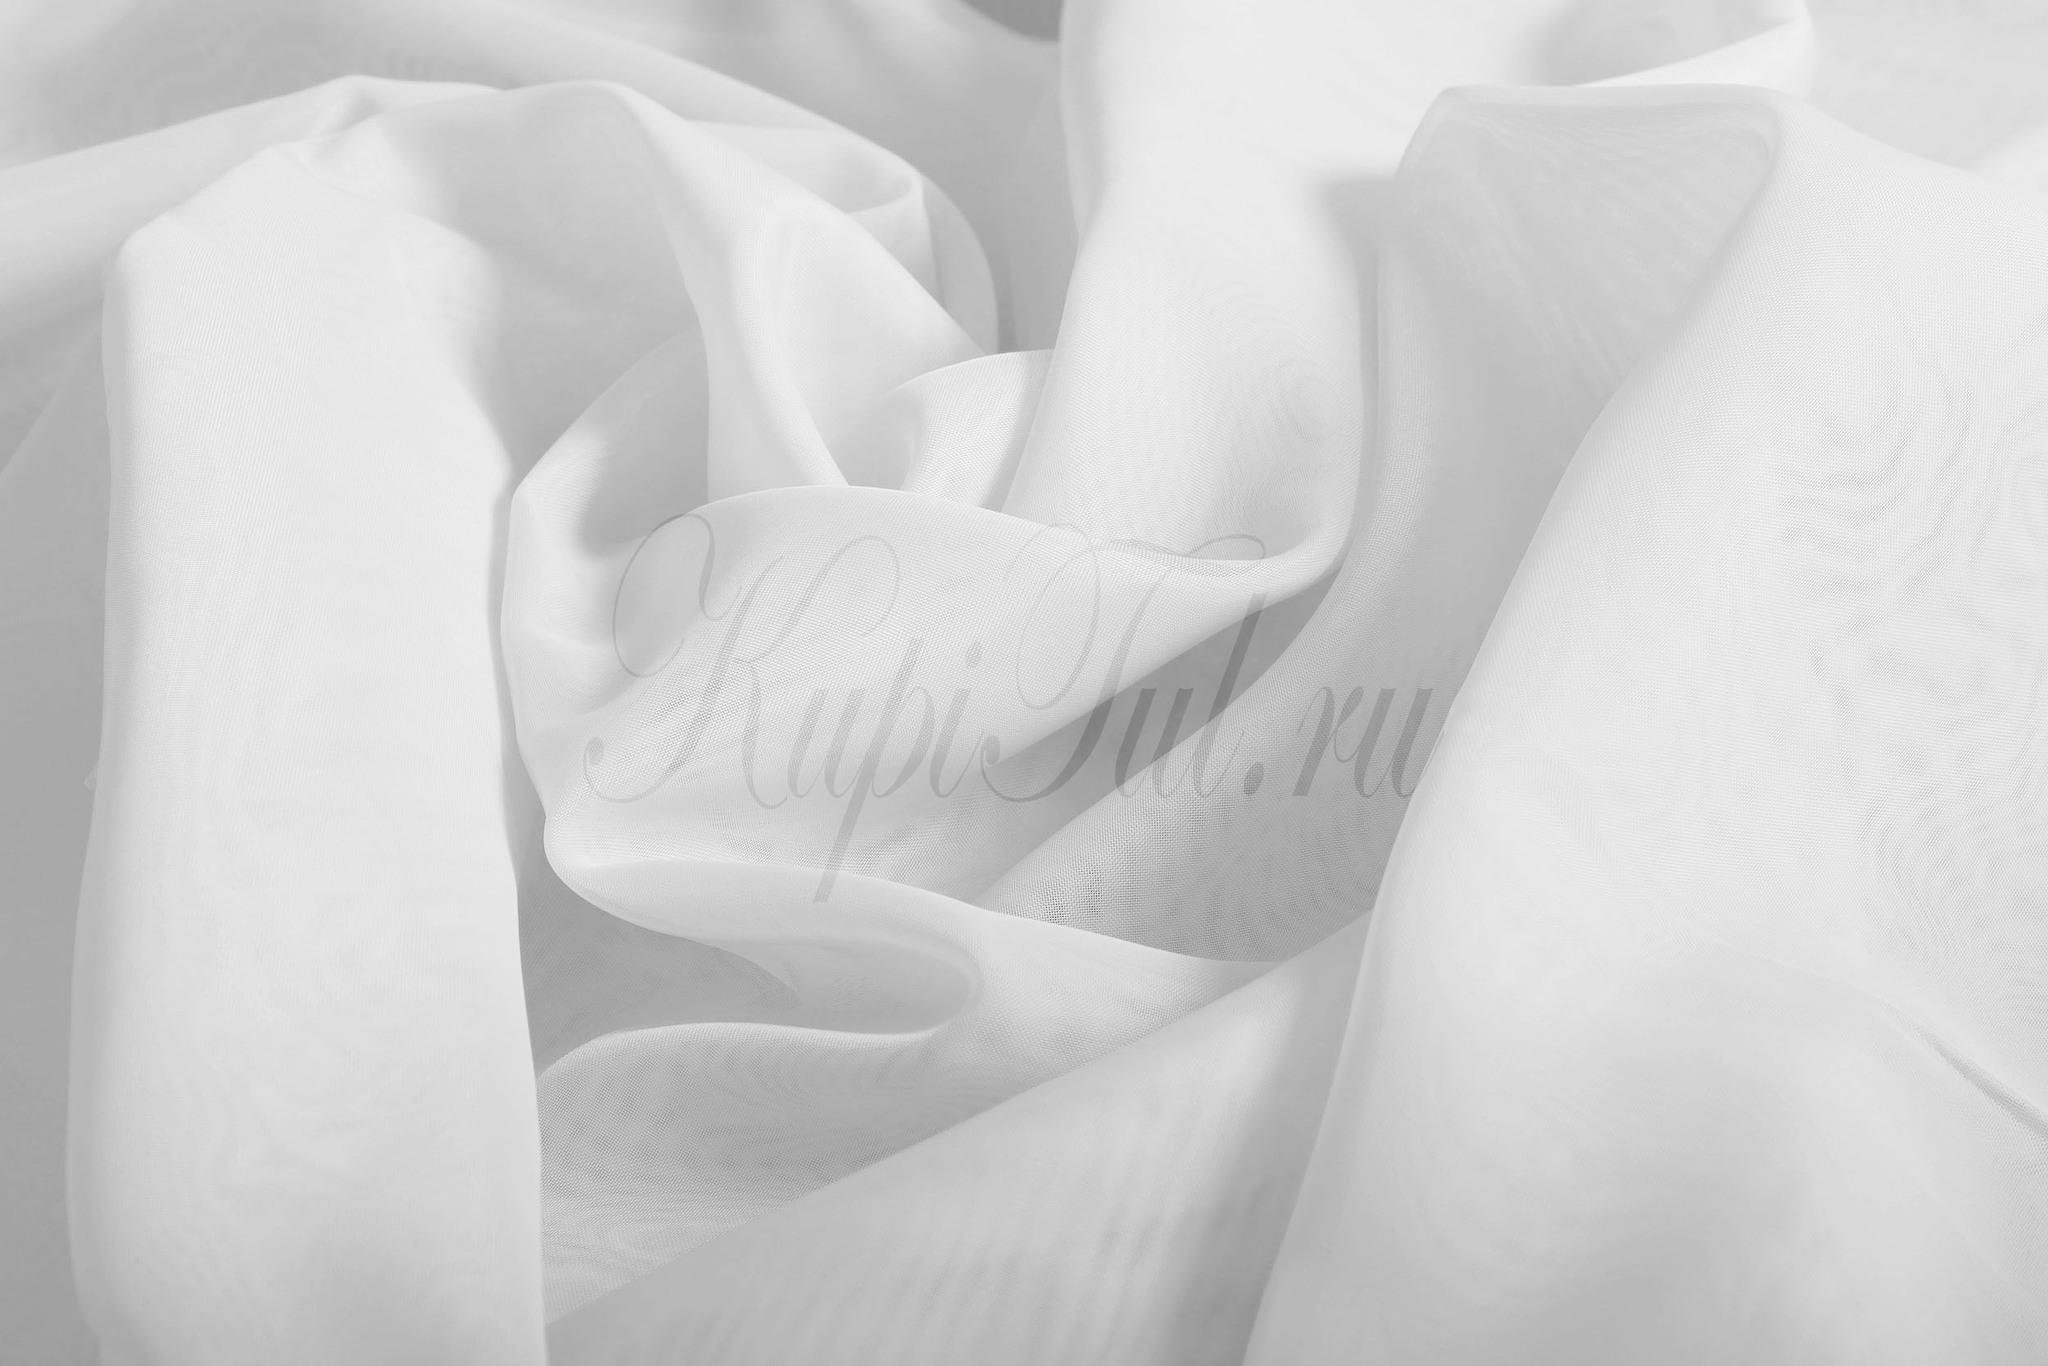 Готовый тюль вуаль Classic Voile (white)